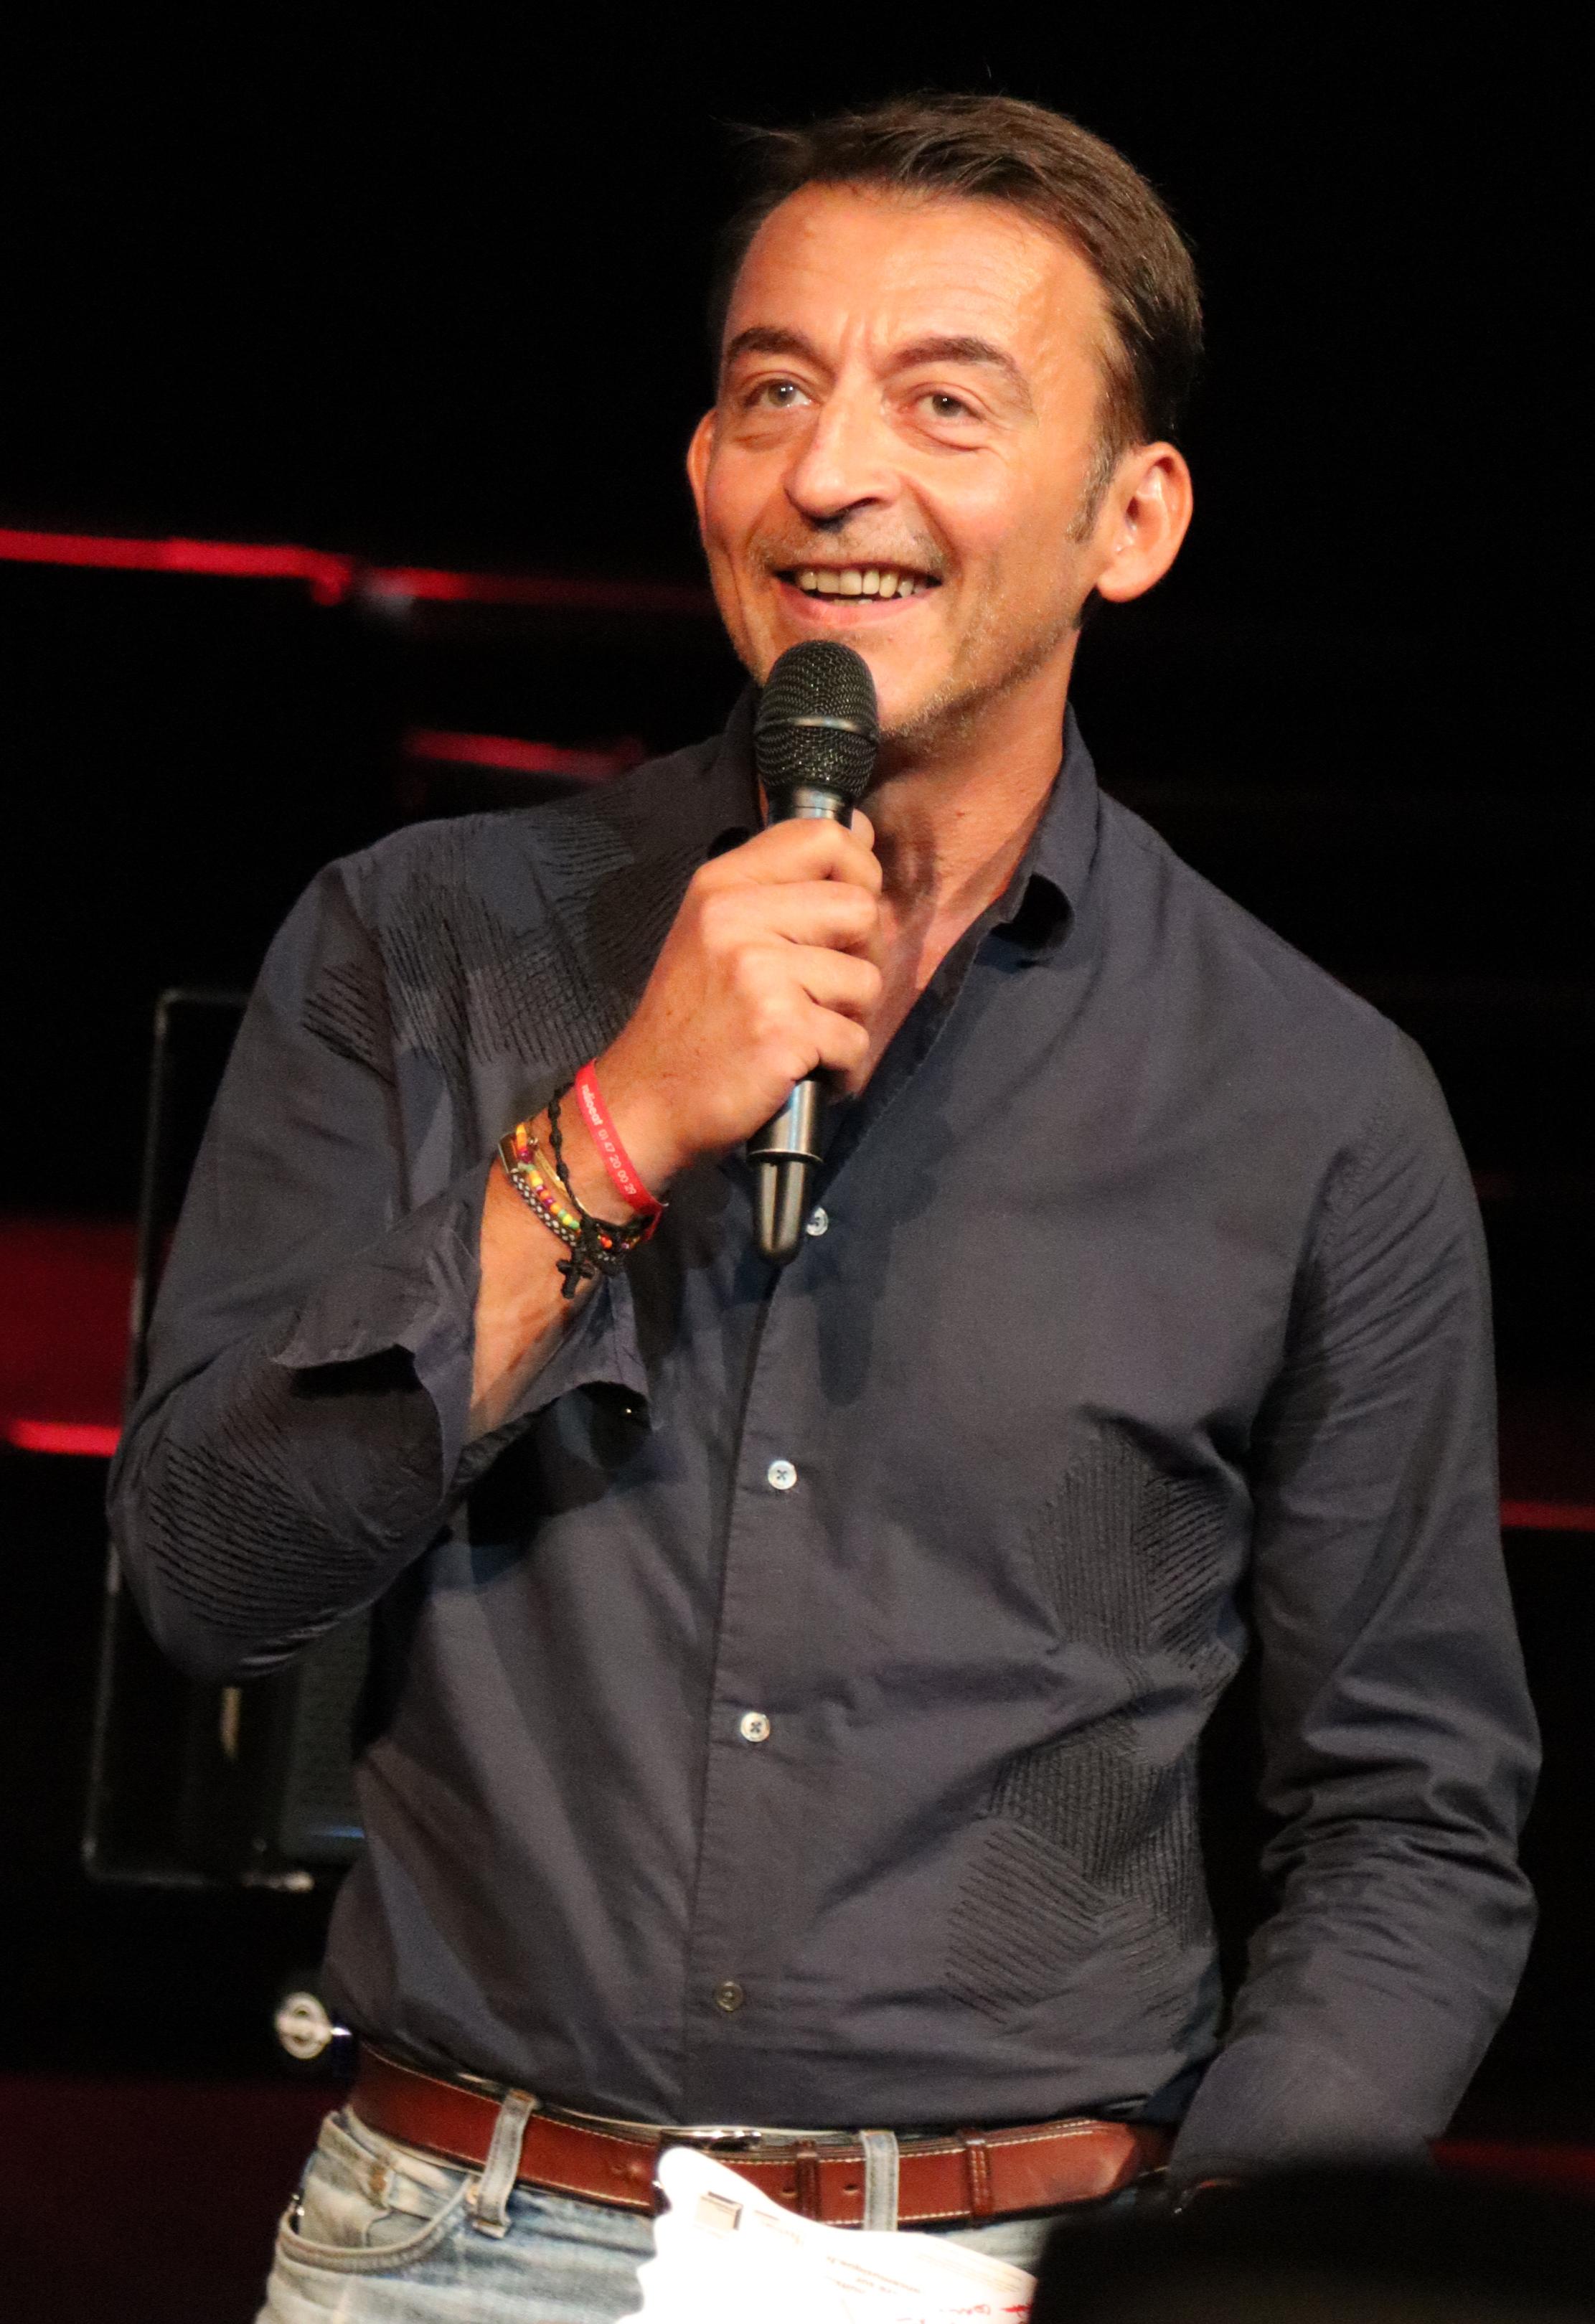 Marc Voinchet est le directeur de France Musique. il a développé une offre unique de contenus sur le numérique